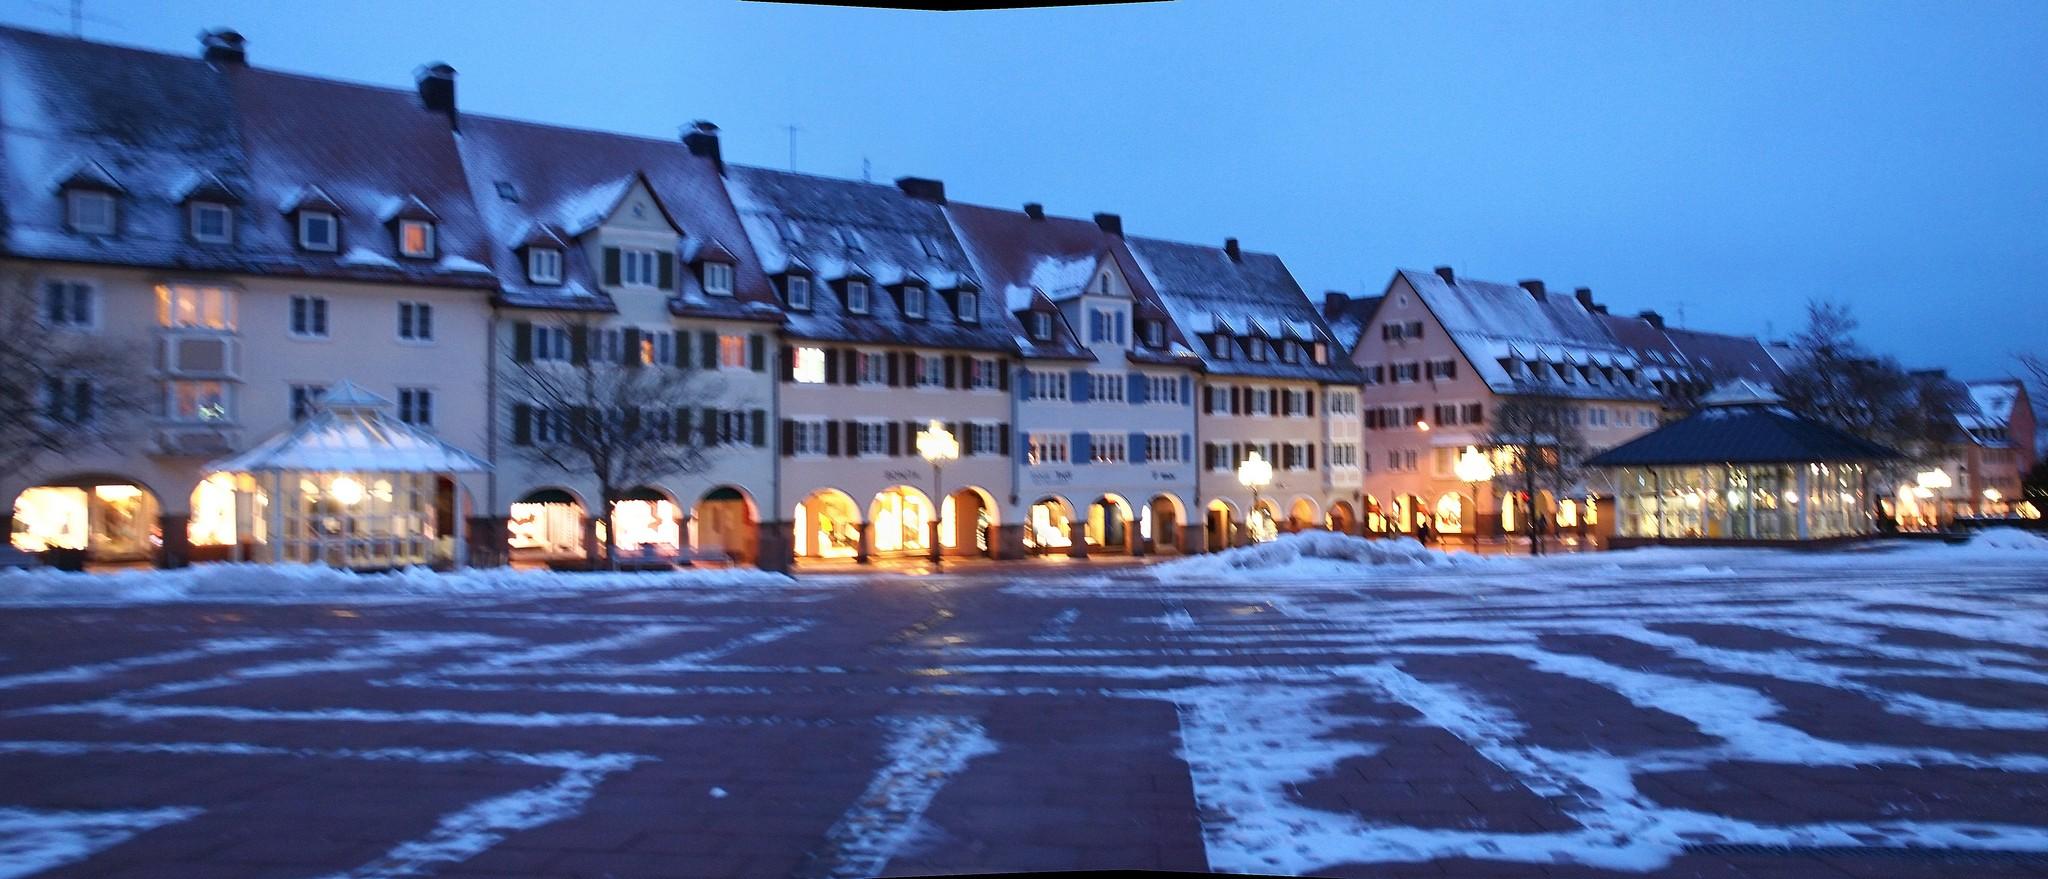 P2112283 Panorama.jpg